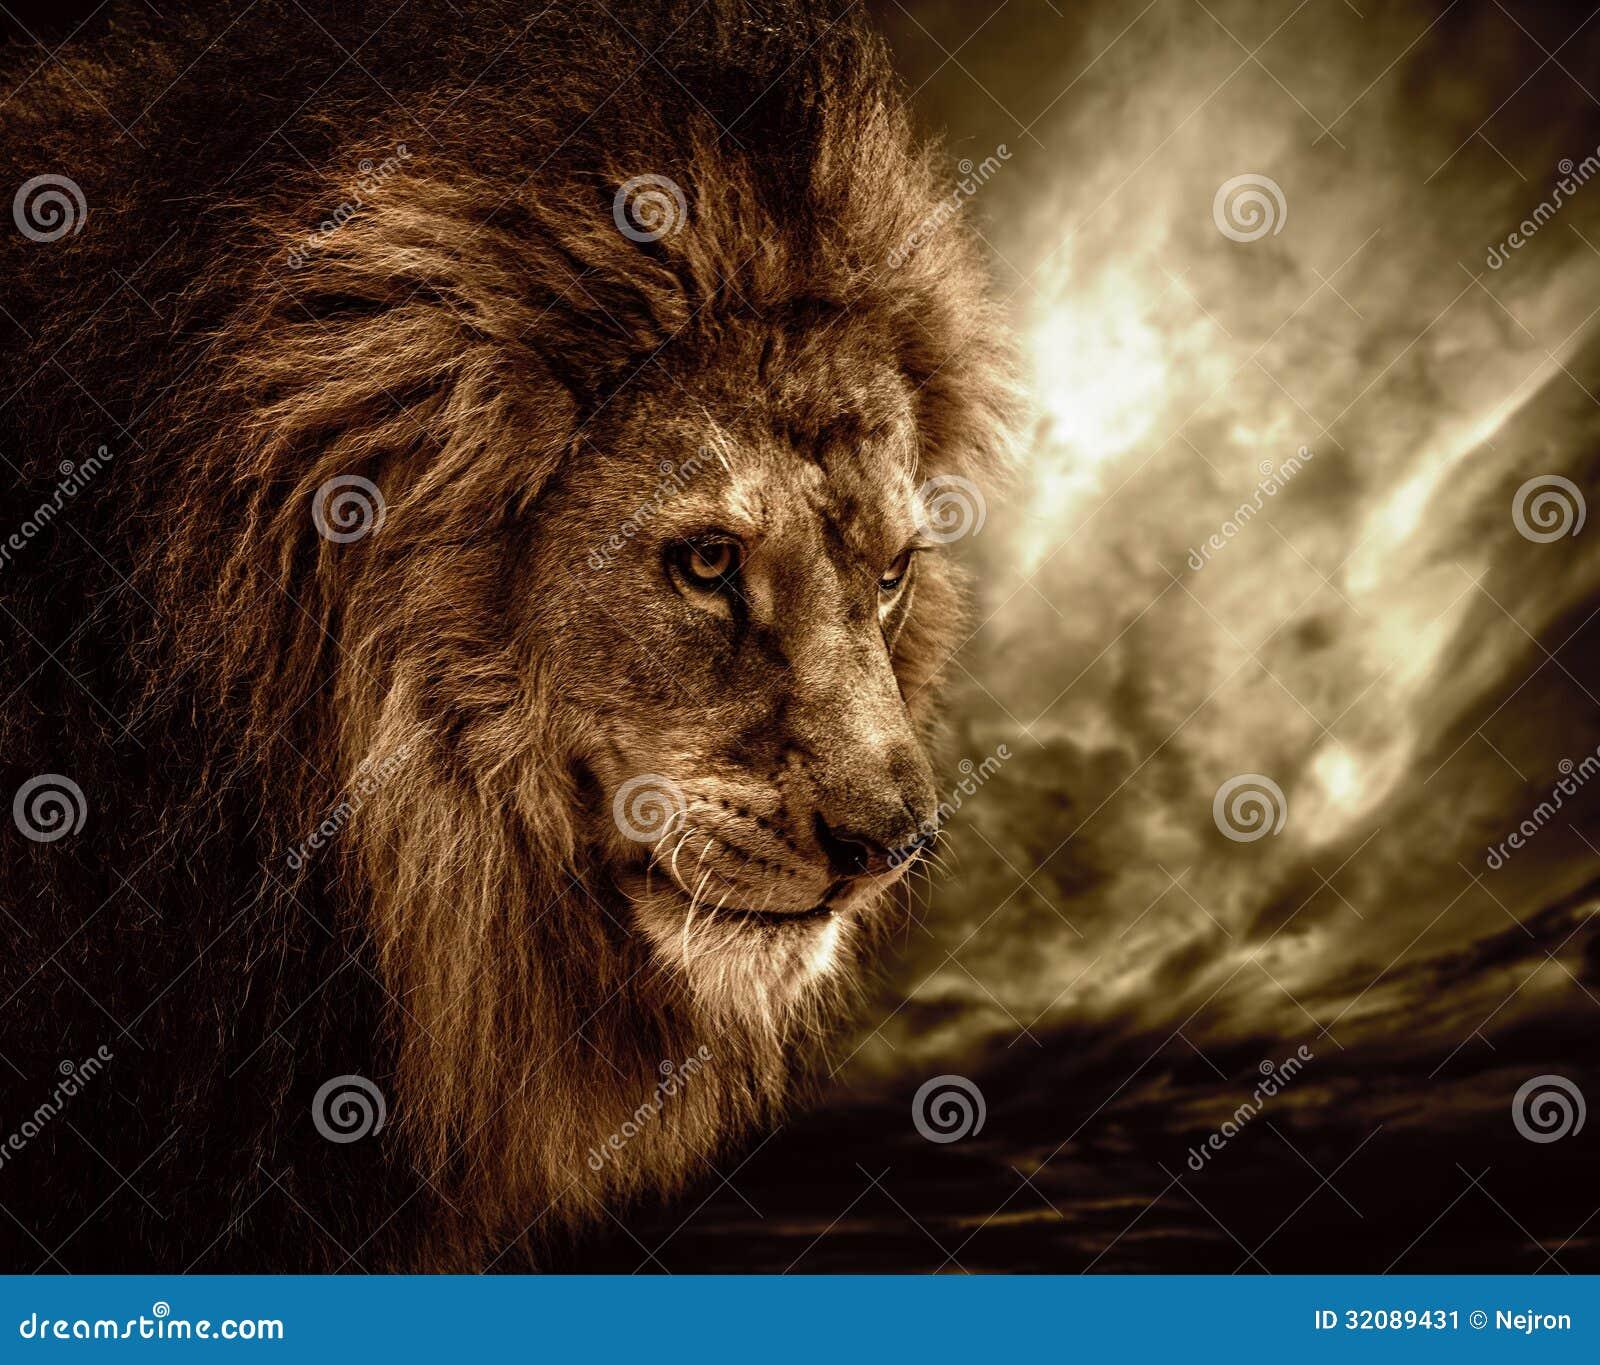 Lion in wildlife